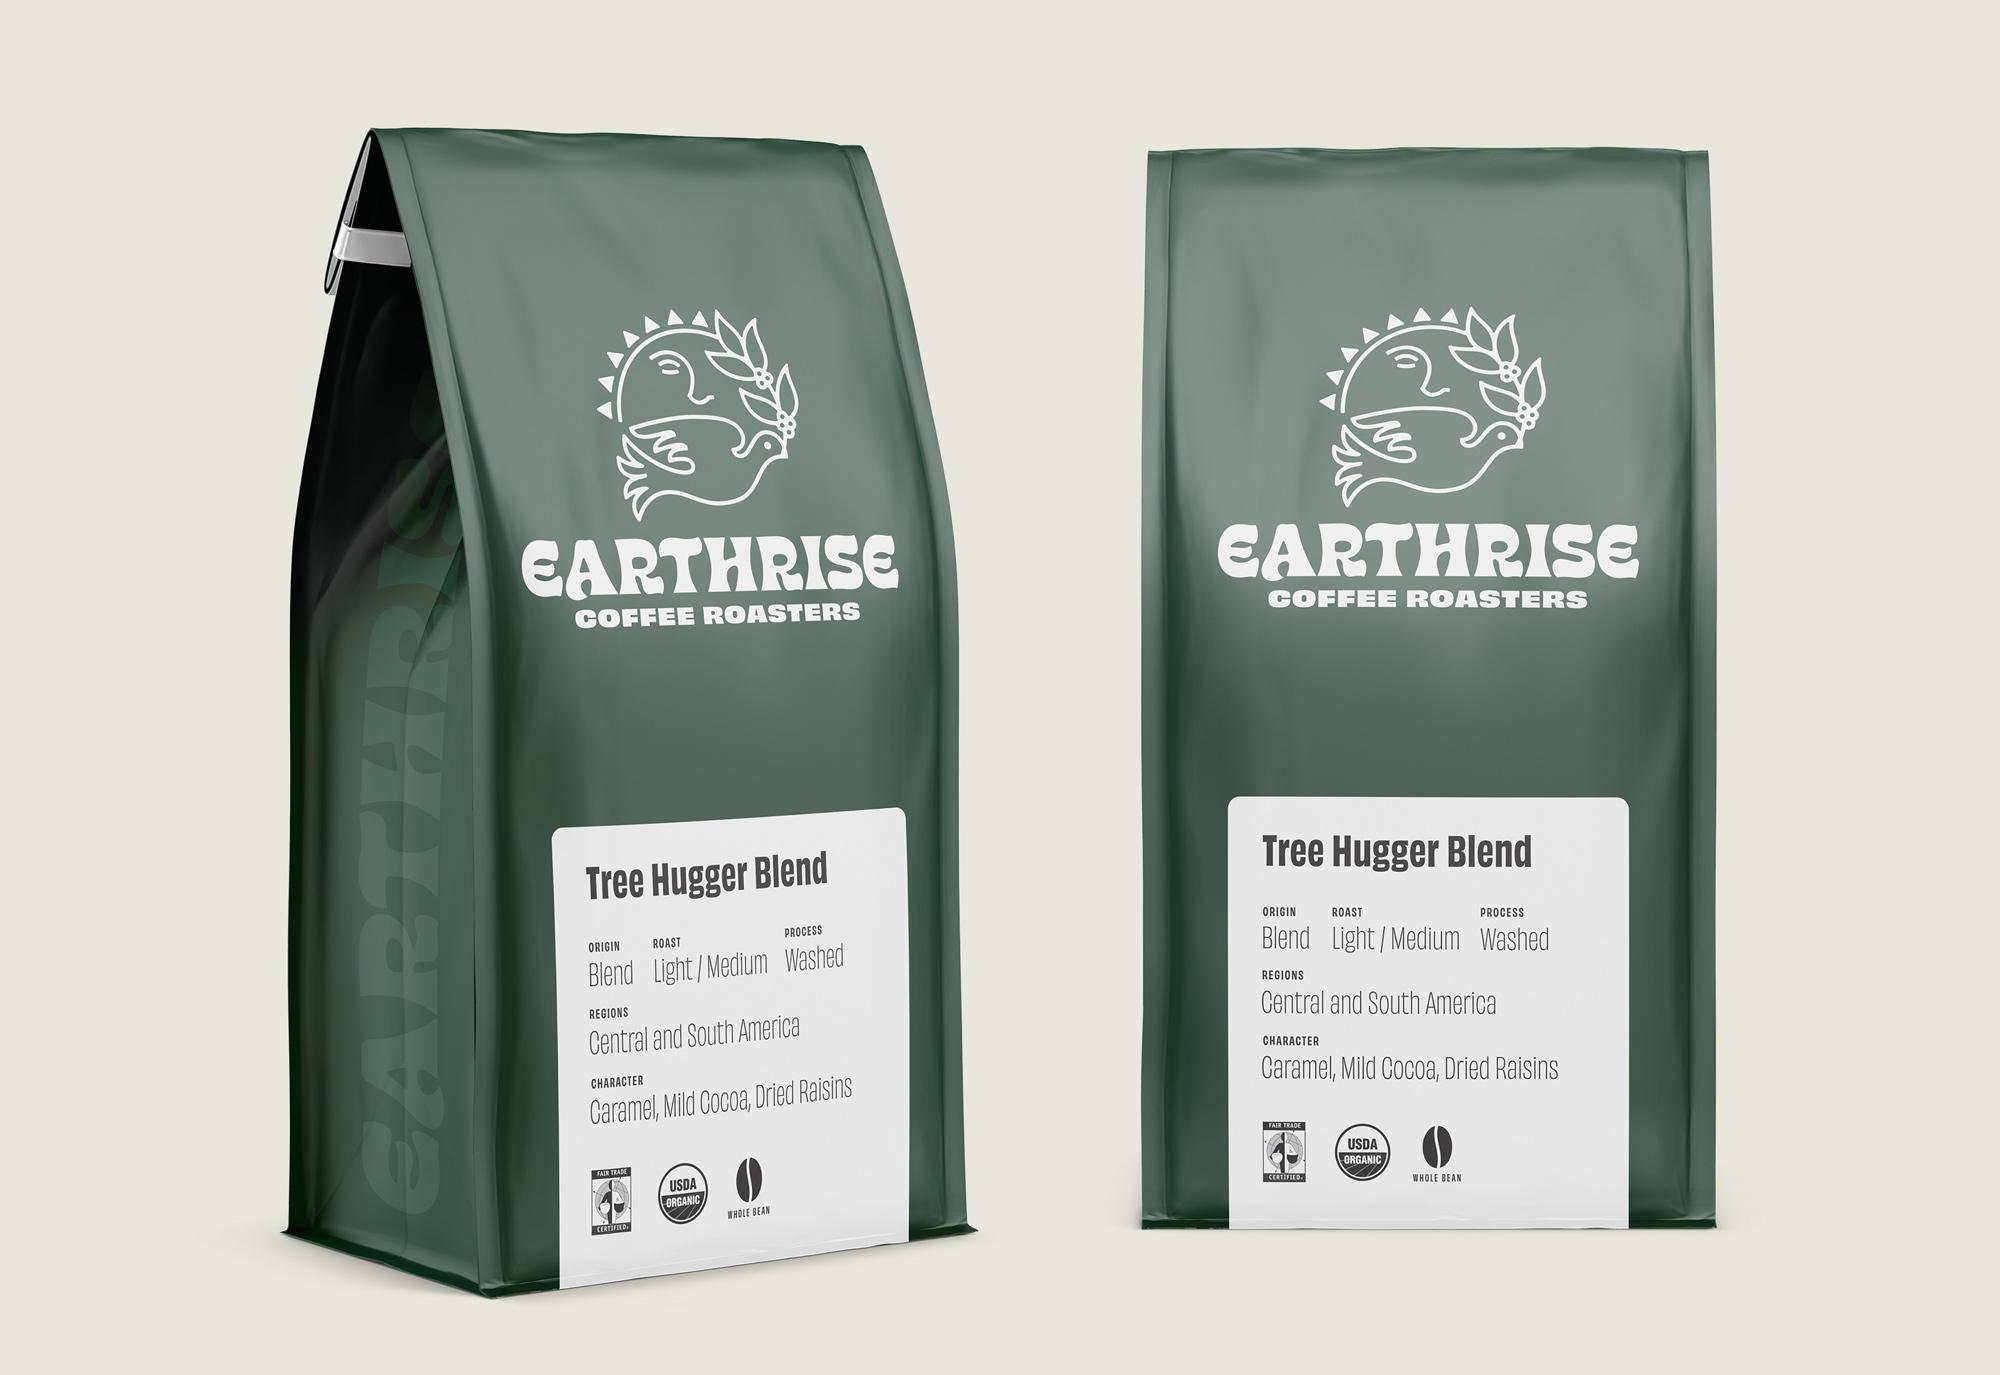 Earthrise Coffee Roasters Packaging Design Hero Image